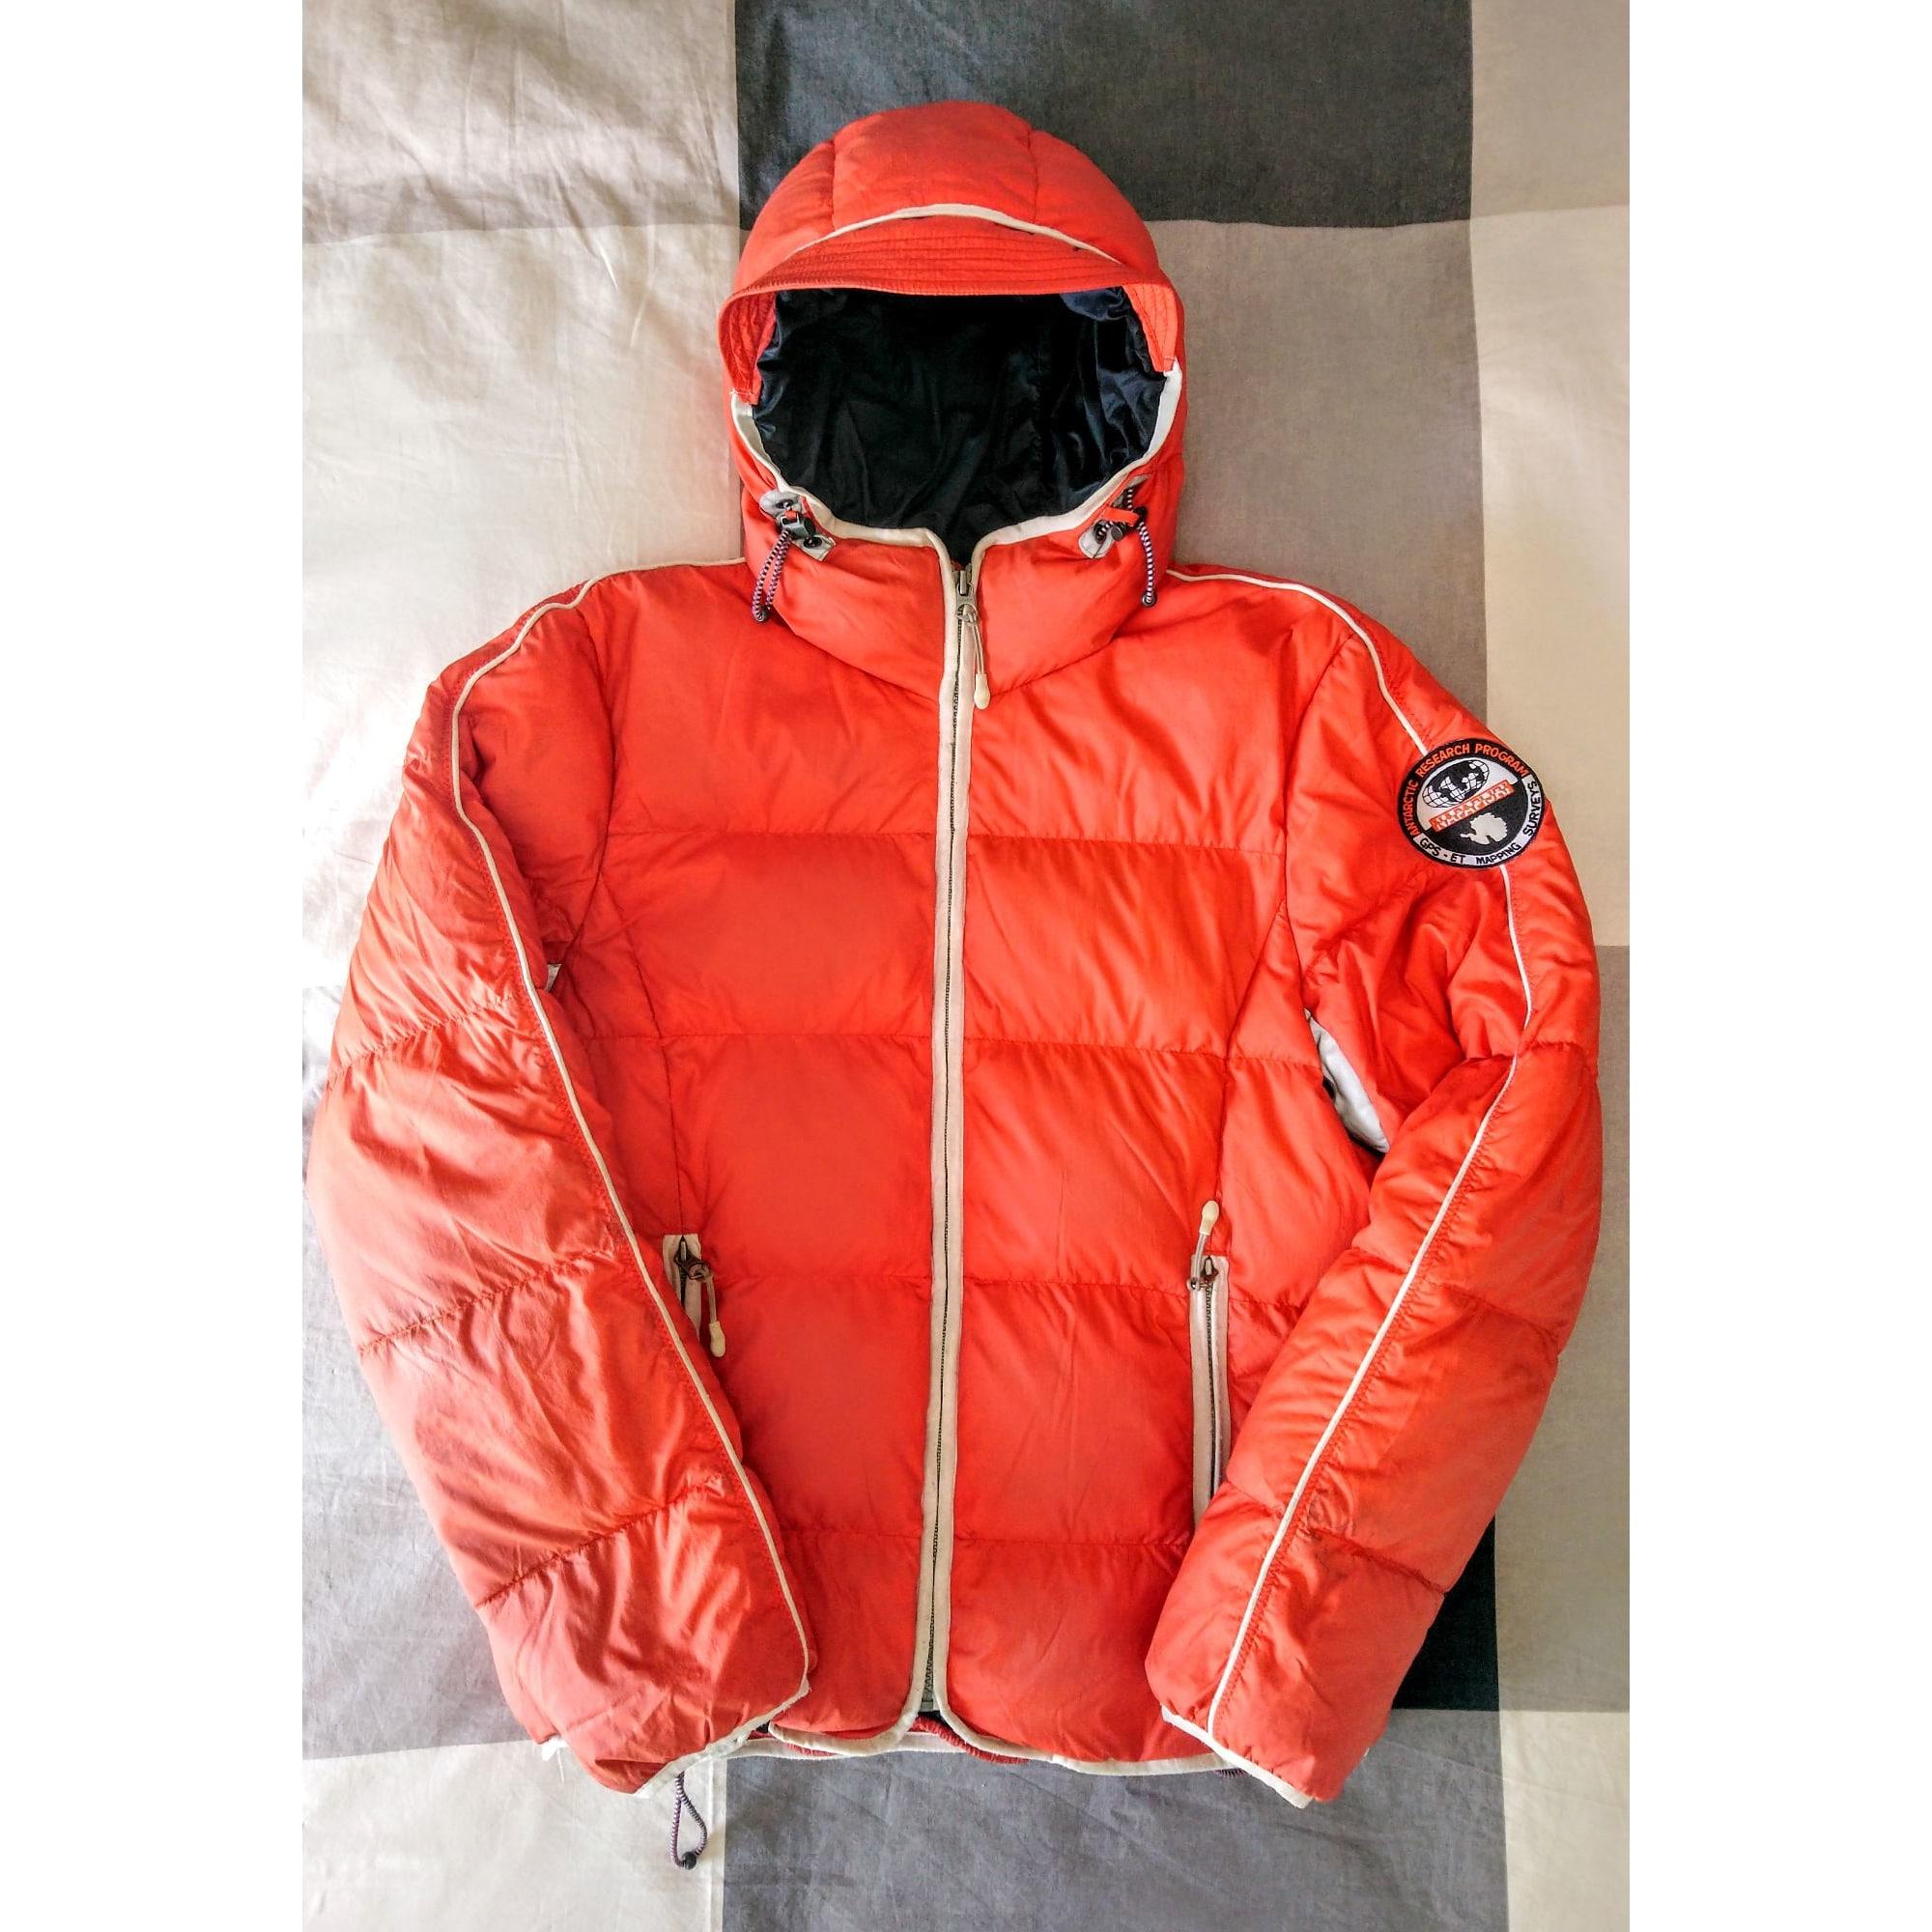 c8710e64f8a Doudoune NAPAPIJRI 48 (M) orange vendu par Mattou11 - 8155926